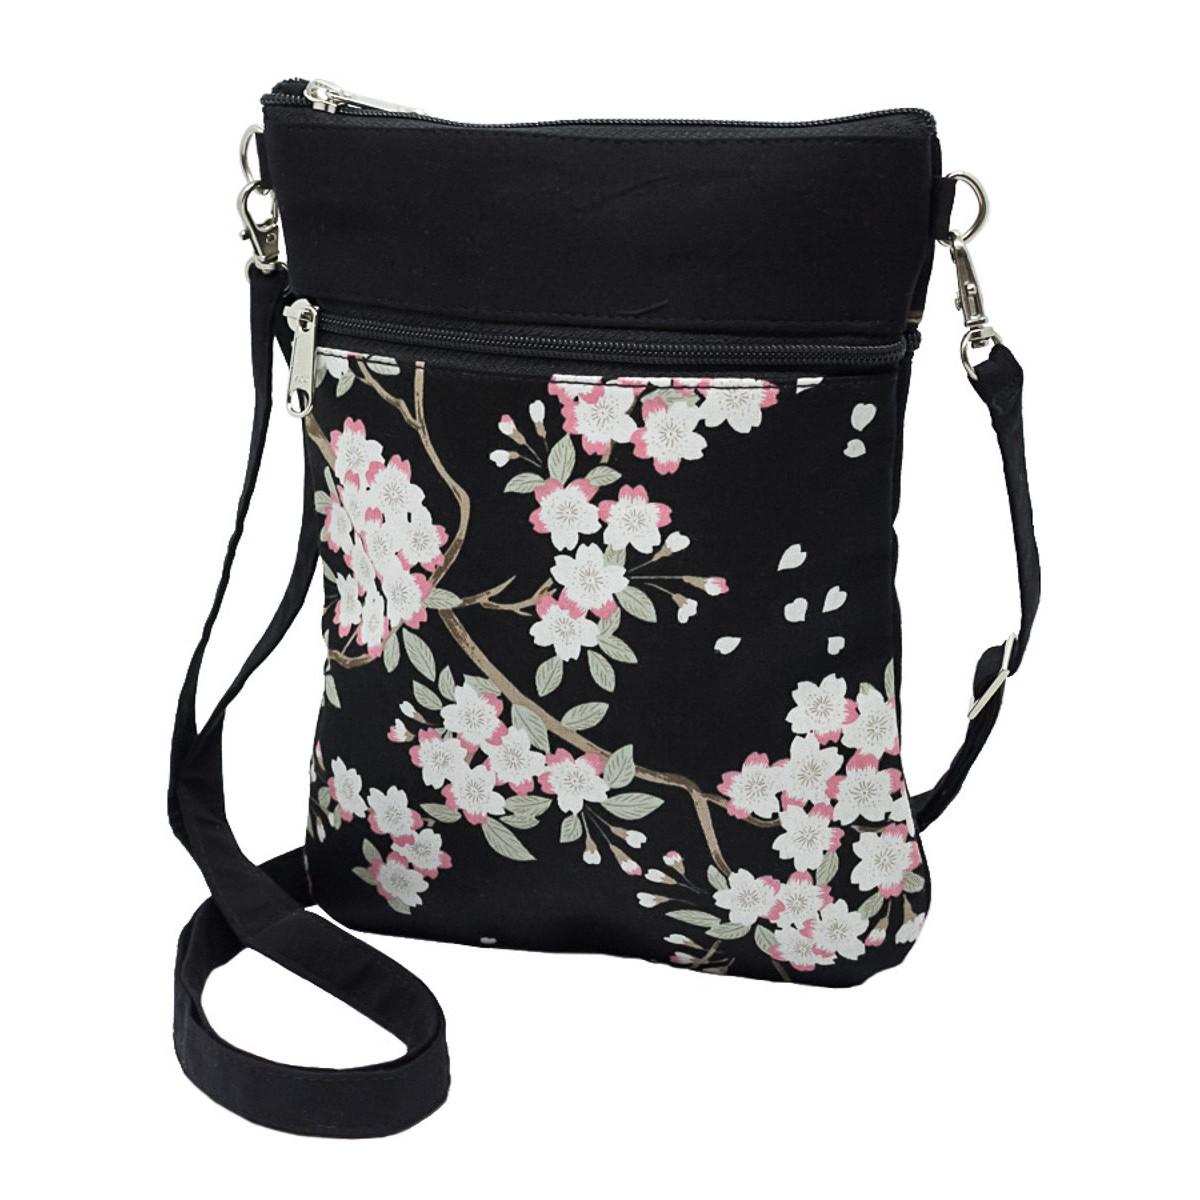 Pochette de voyage bandoulière tissu noir et fleurs cerisiers